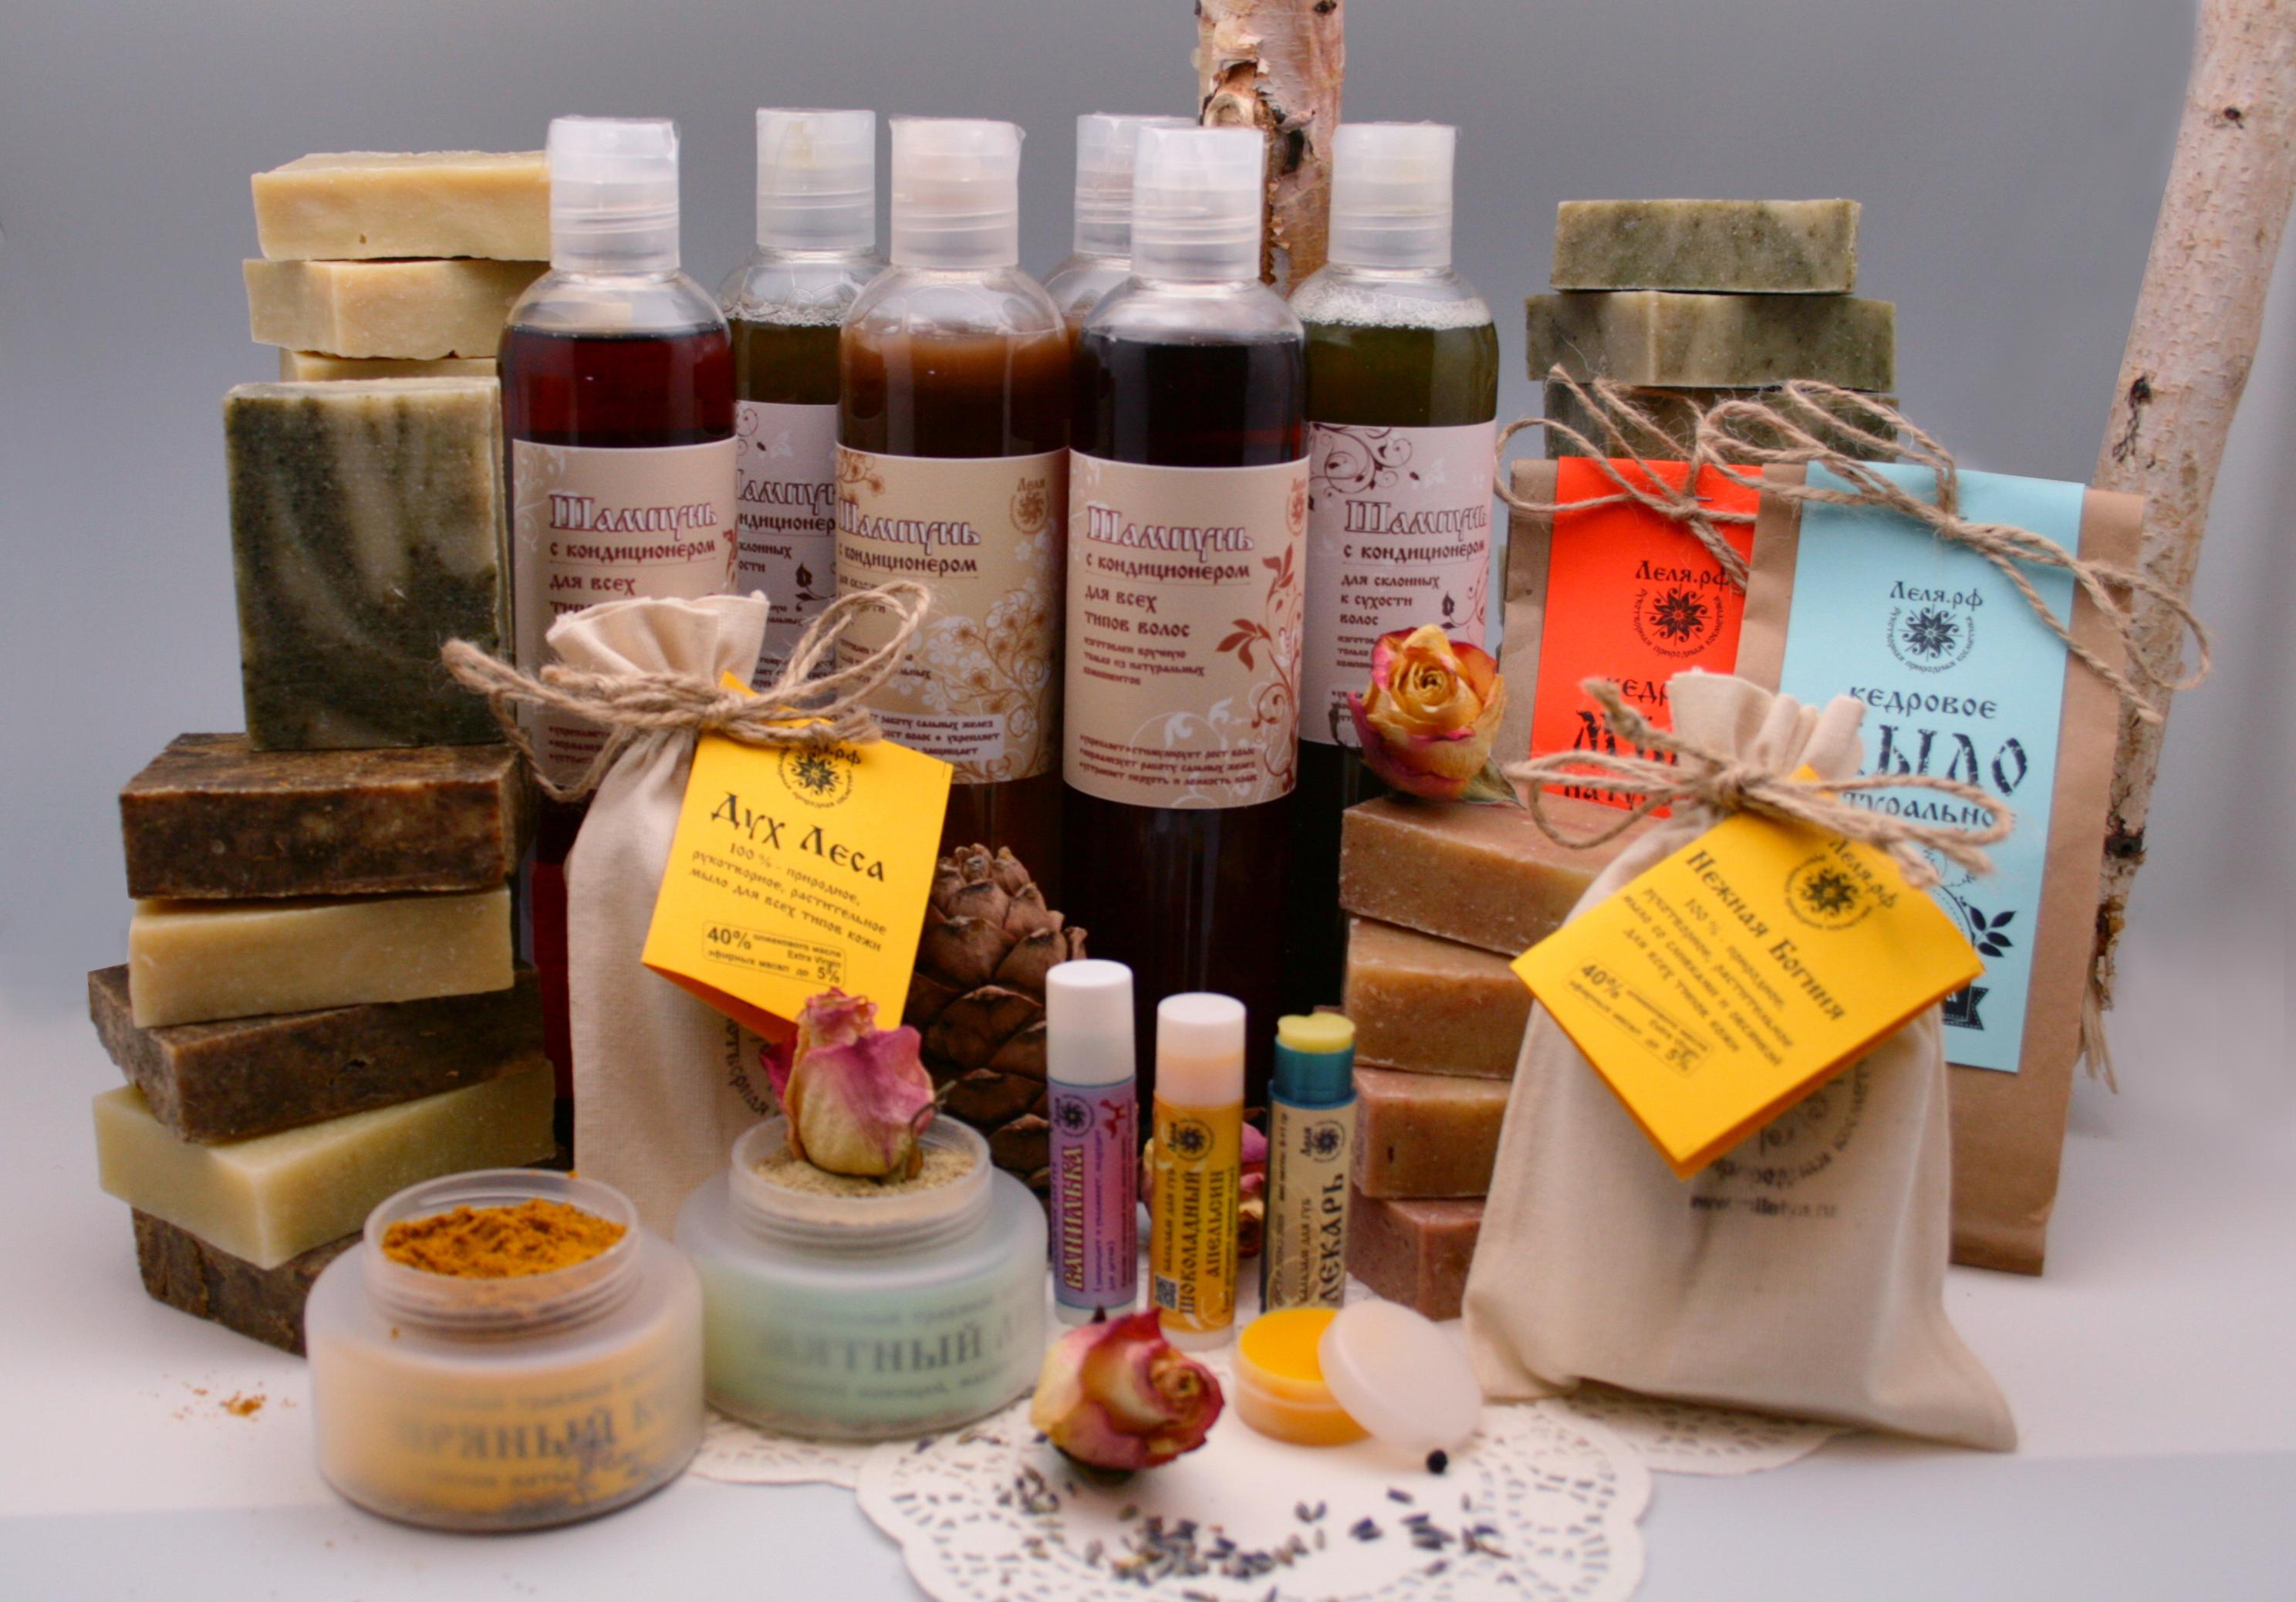 Многообразие продукции для мыловарения